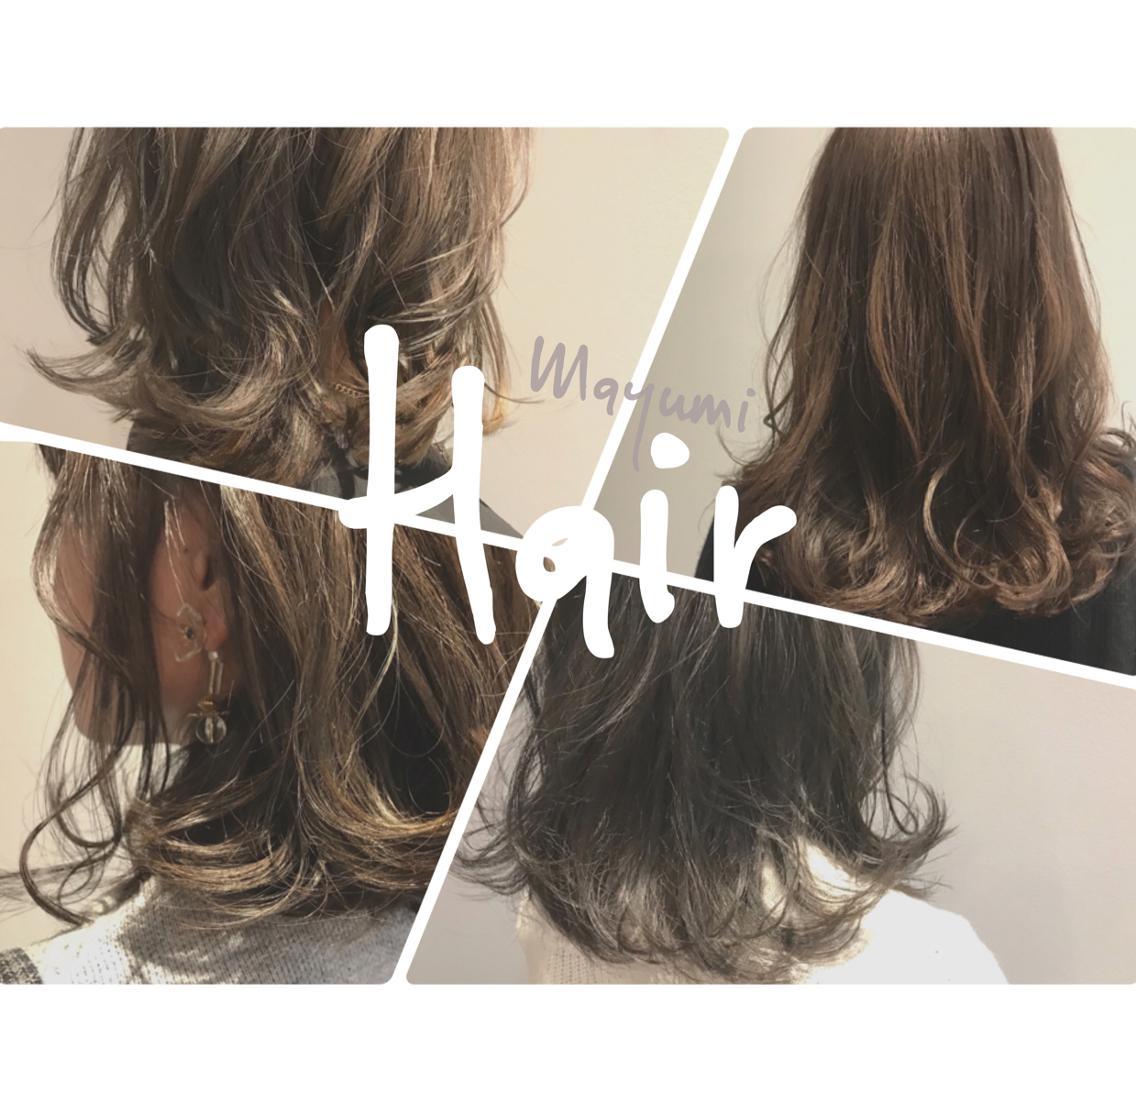 Luxy HAIR RESORT所属・なかにし まゆみの掲載